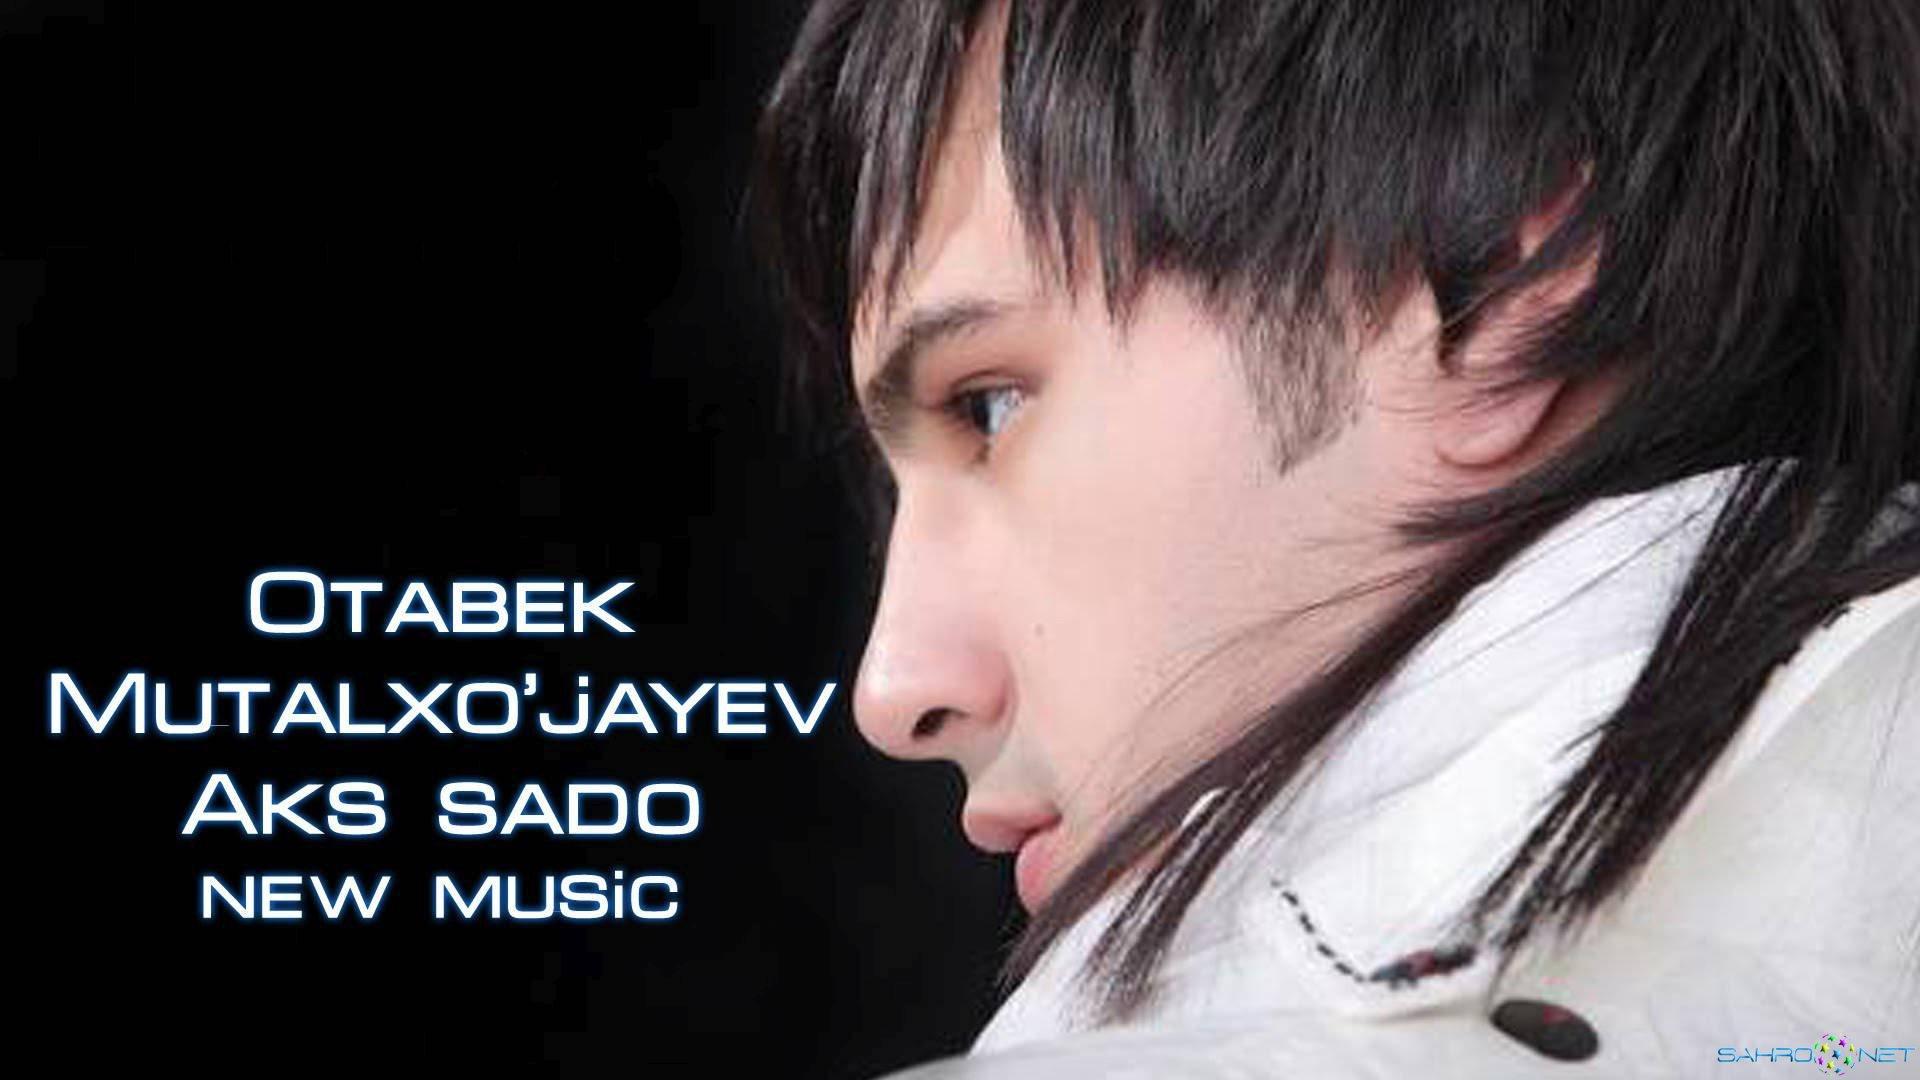 OTABEK MUTALXO JAYEV MP3 СКАЧАТЬ БЕСПЛАТНО